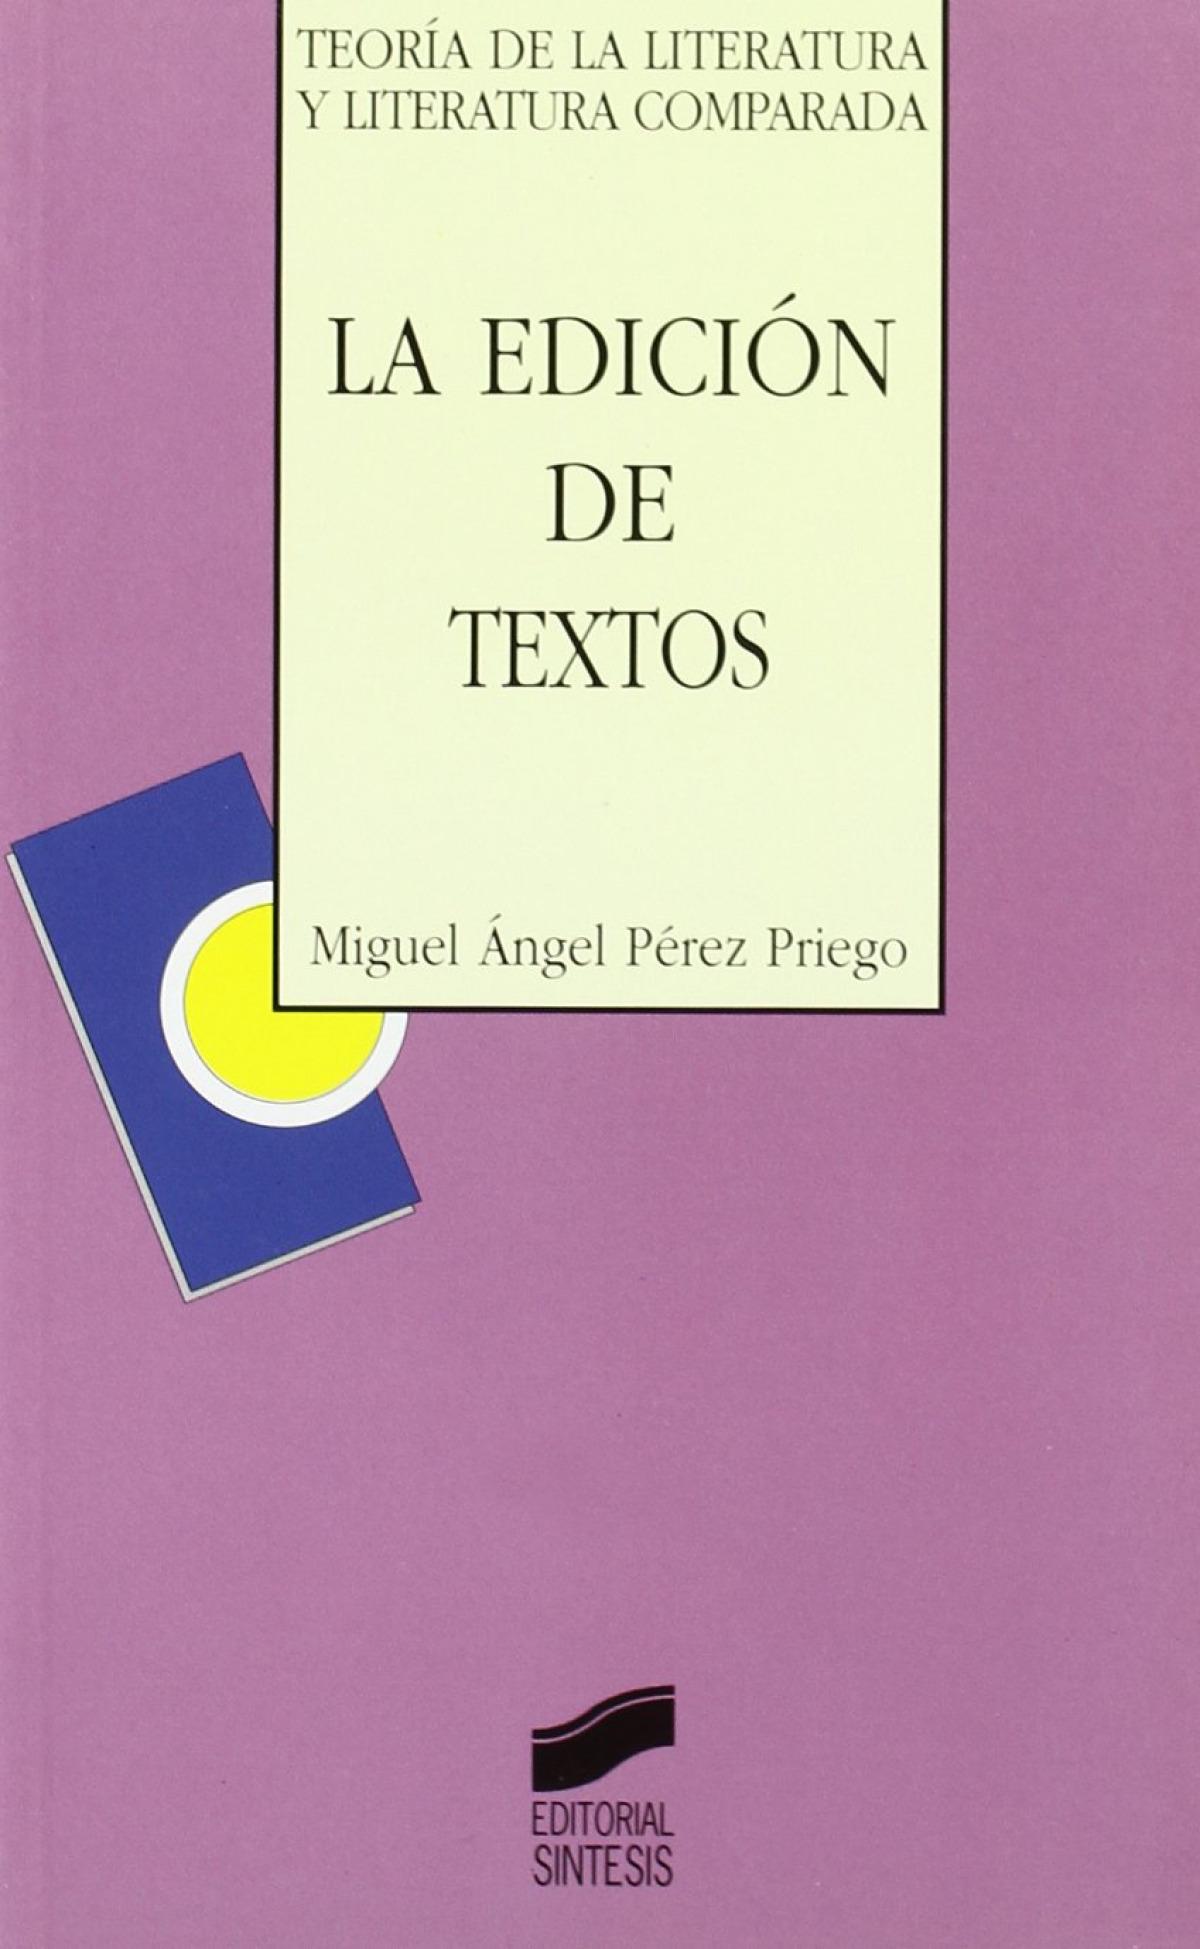 EDICION DE TEXTOS, LA